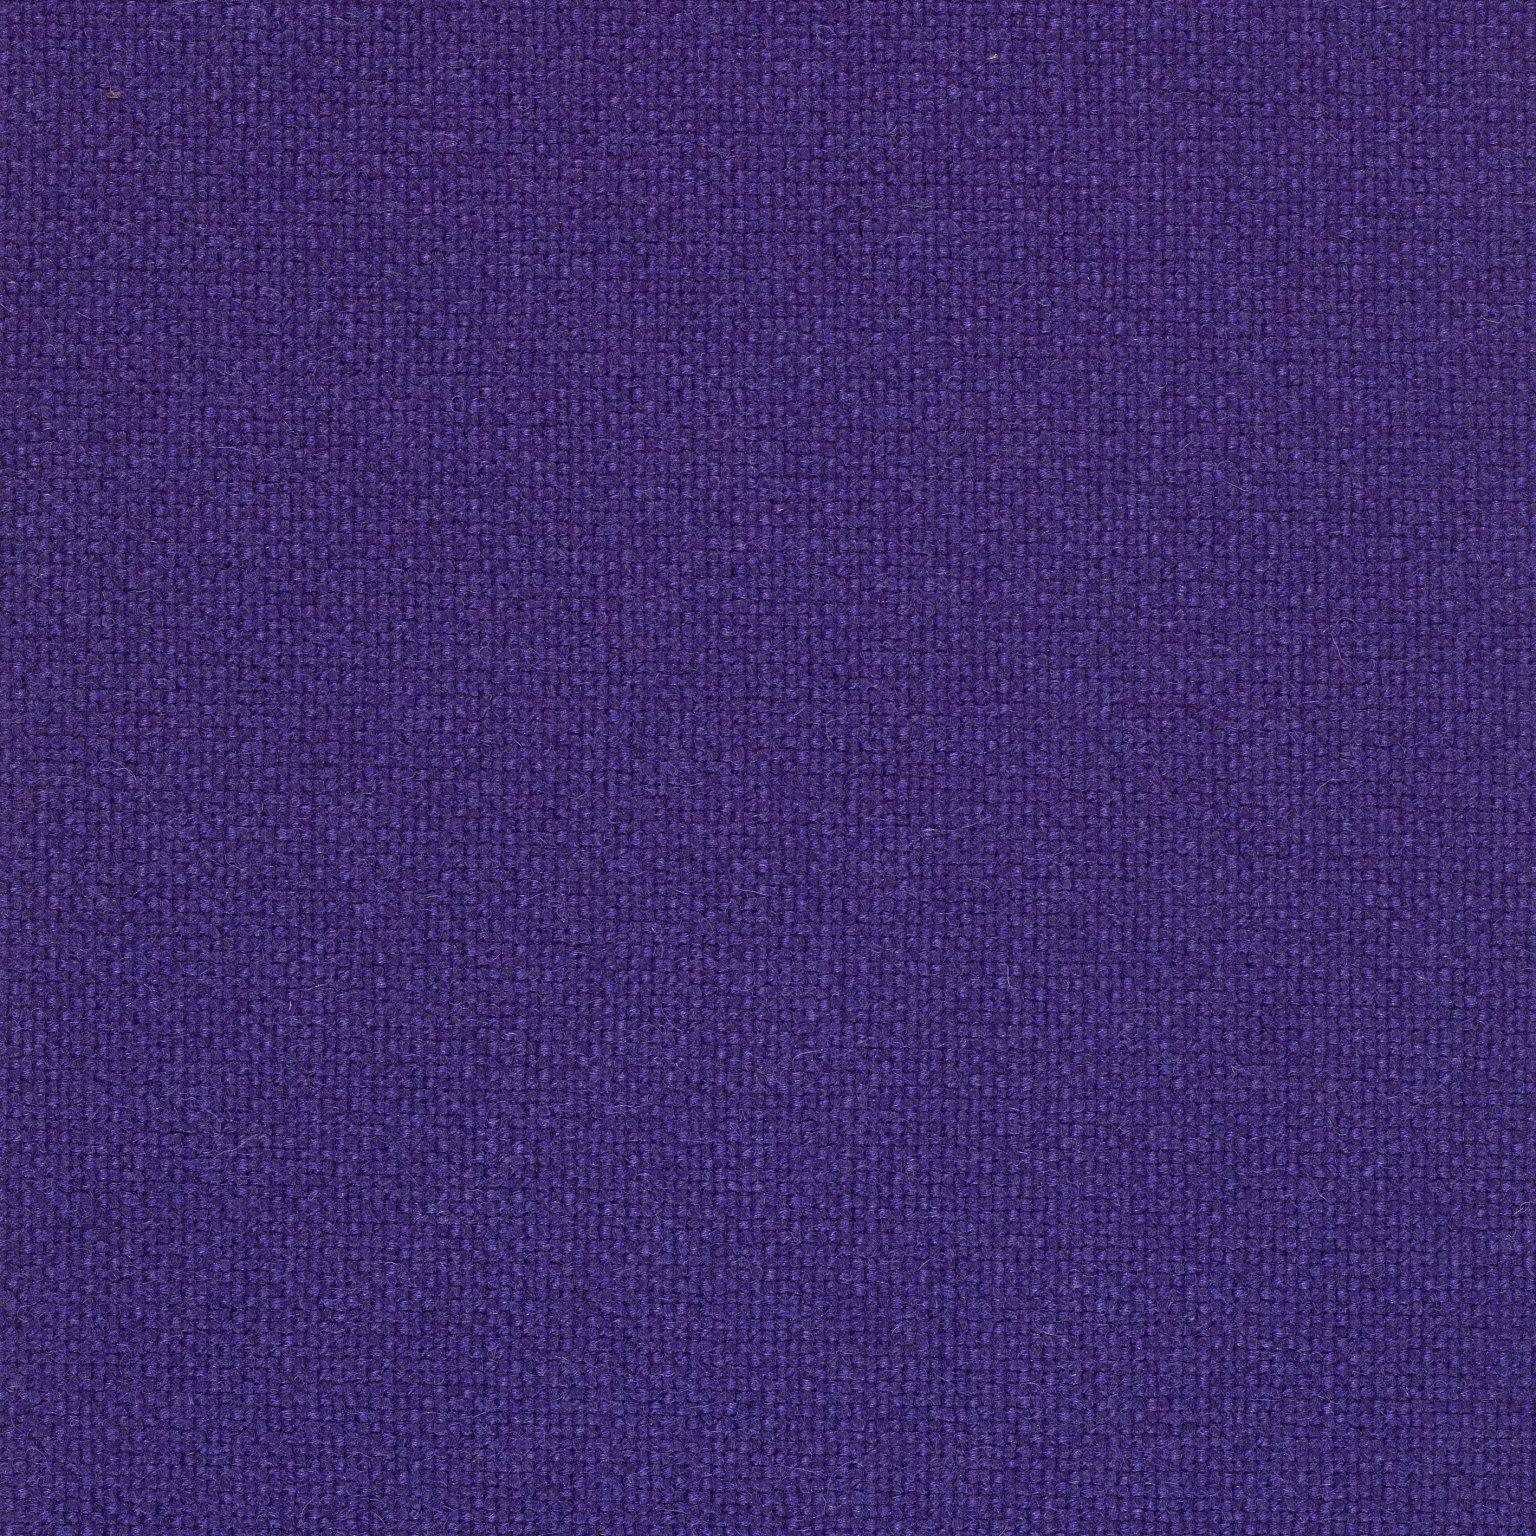 lilla malange hallingdal 65-0